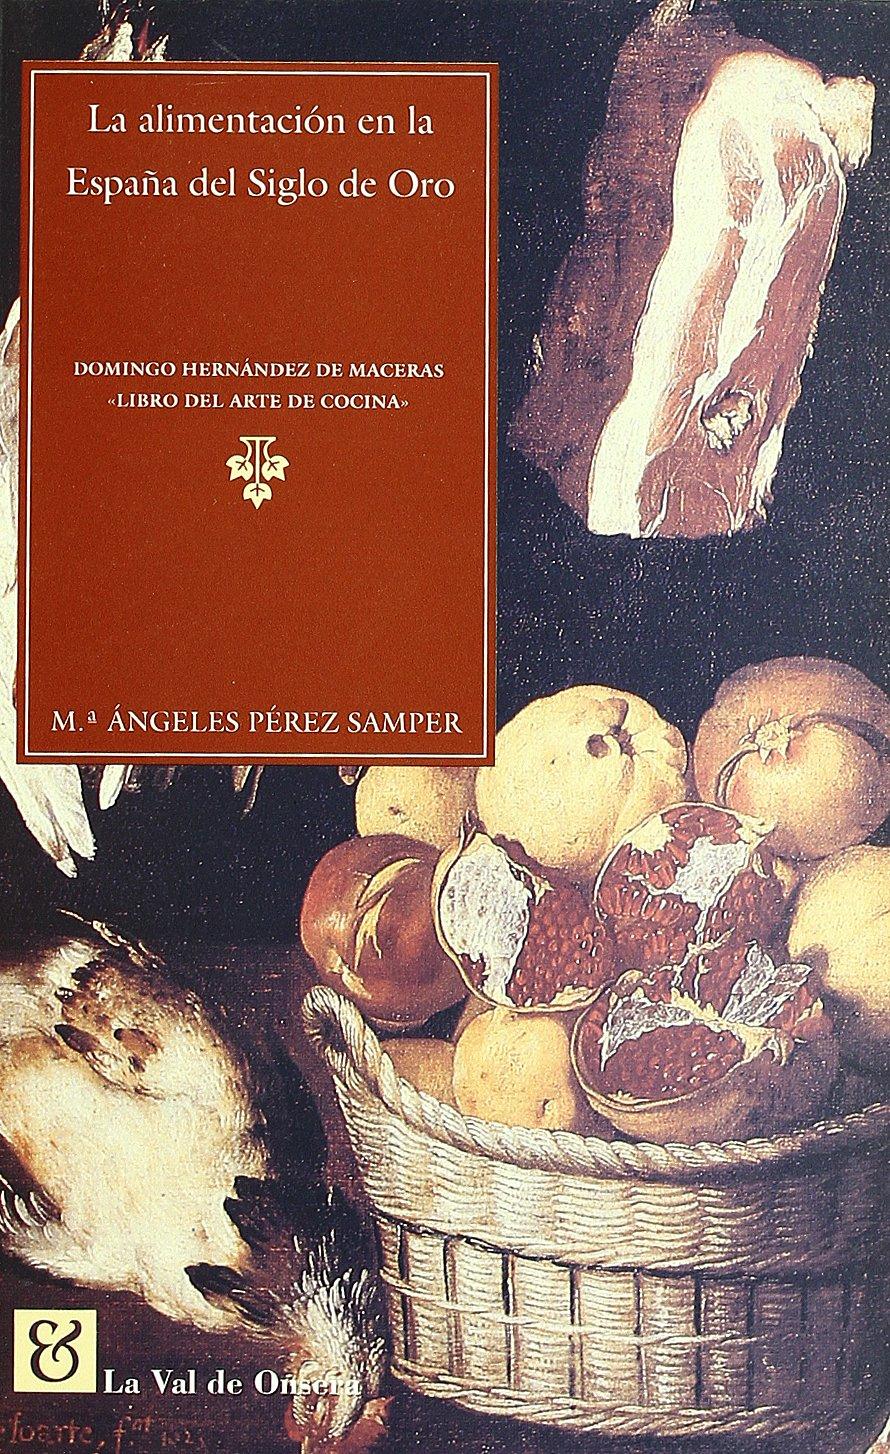 La alimentación en la España del siglo de oro : Domingo Hernández ...